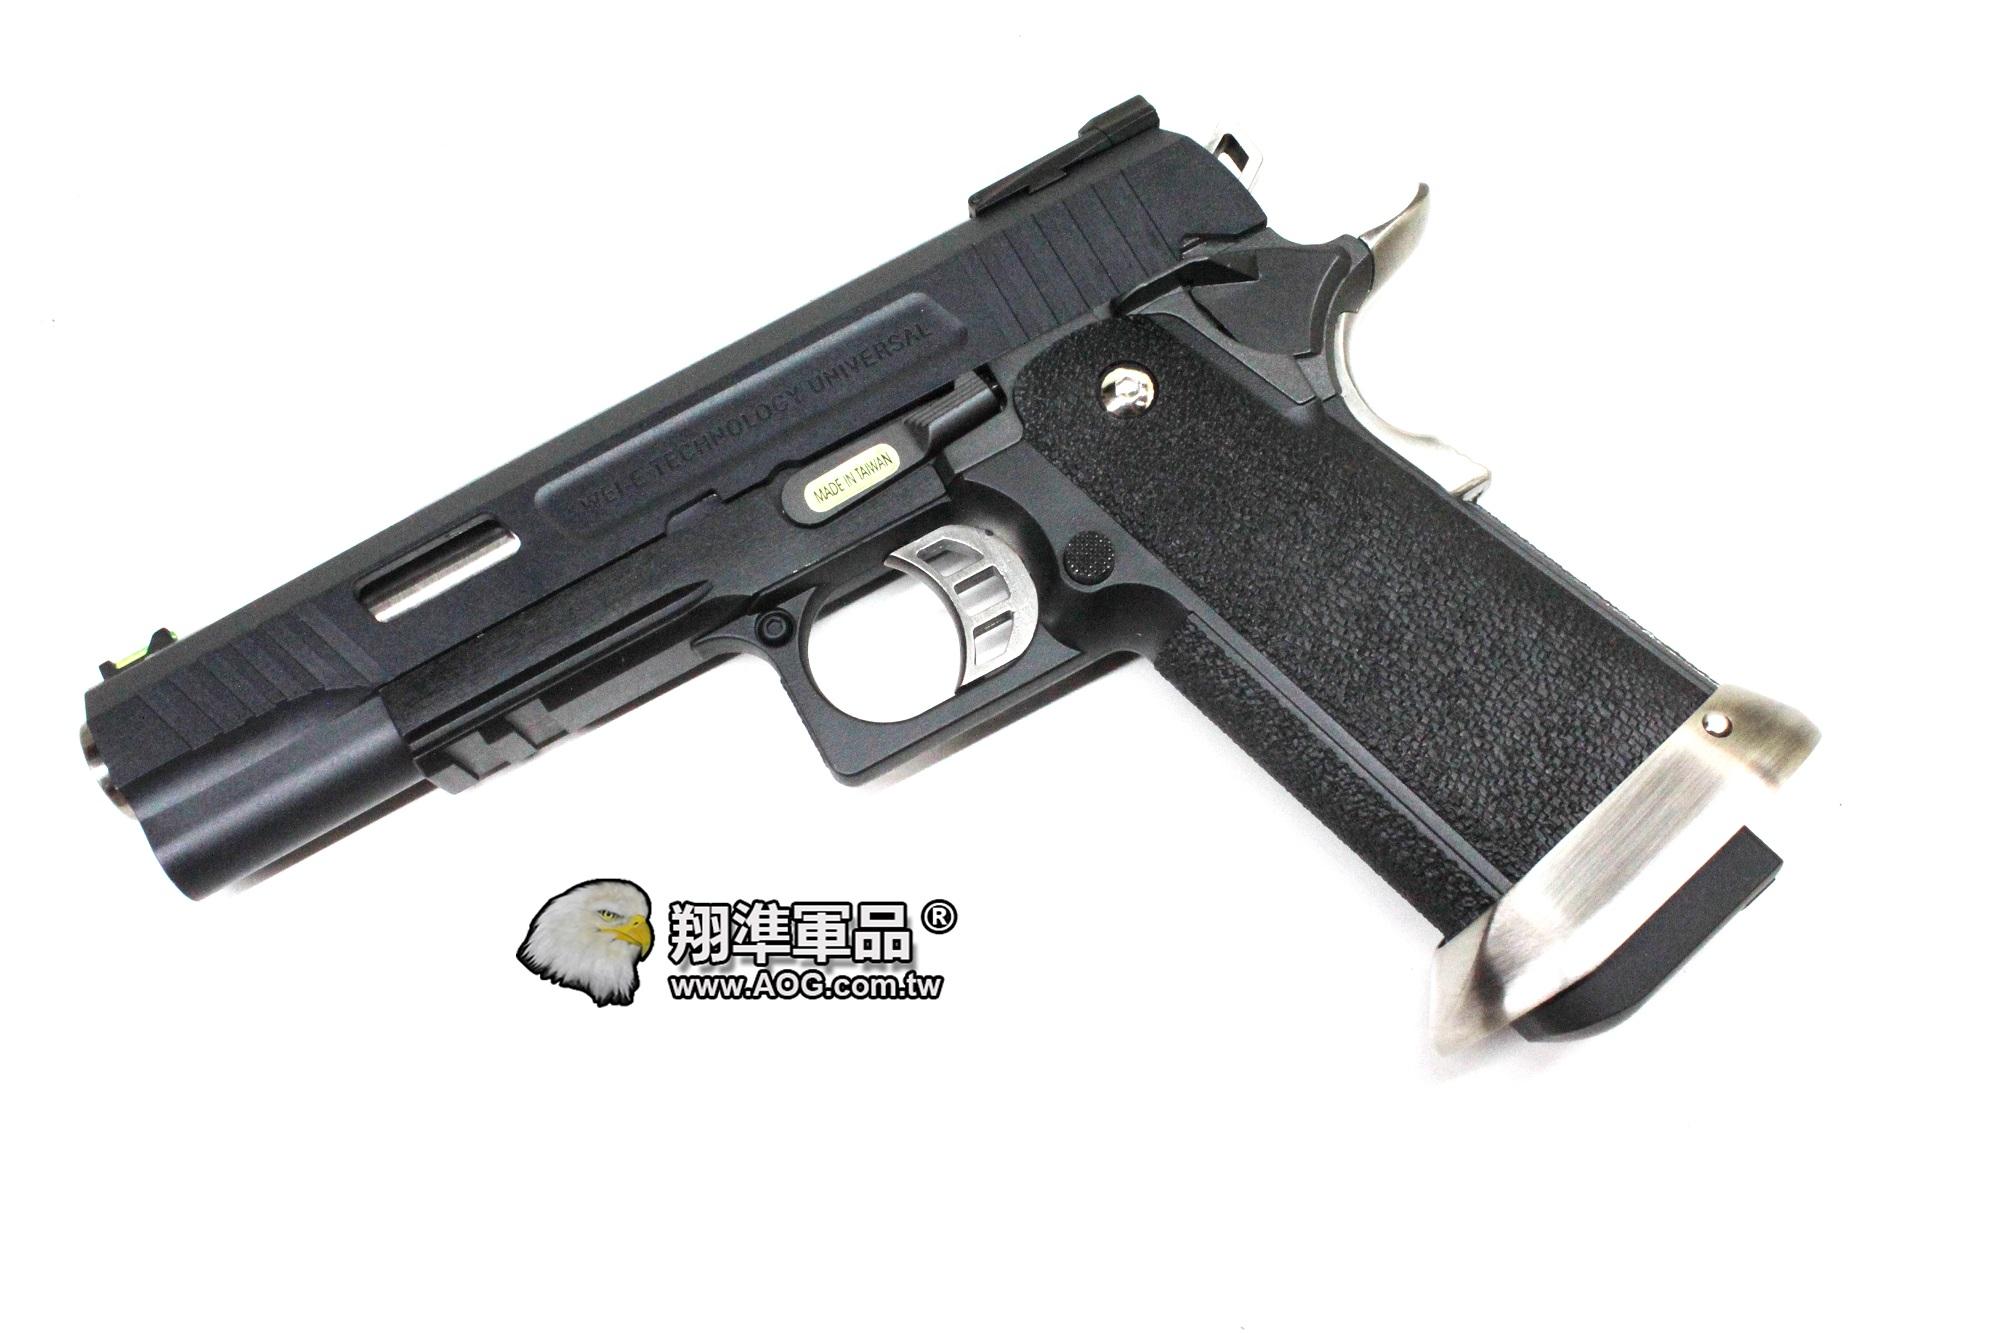 【翔準軍品AOG】 5.1 T.REX HI-CAPA (黑)原力系列 全金屬瓦斯槍 D-02-08-23AB